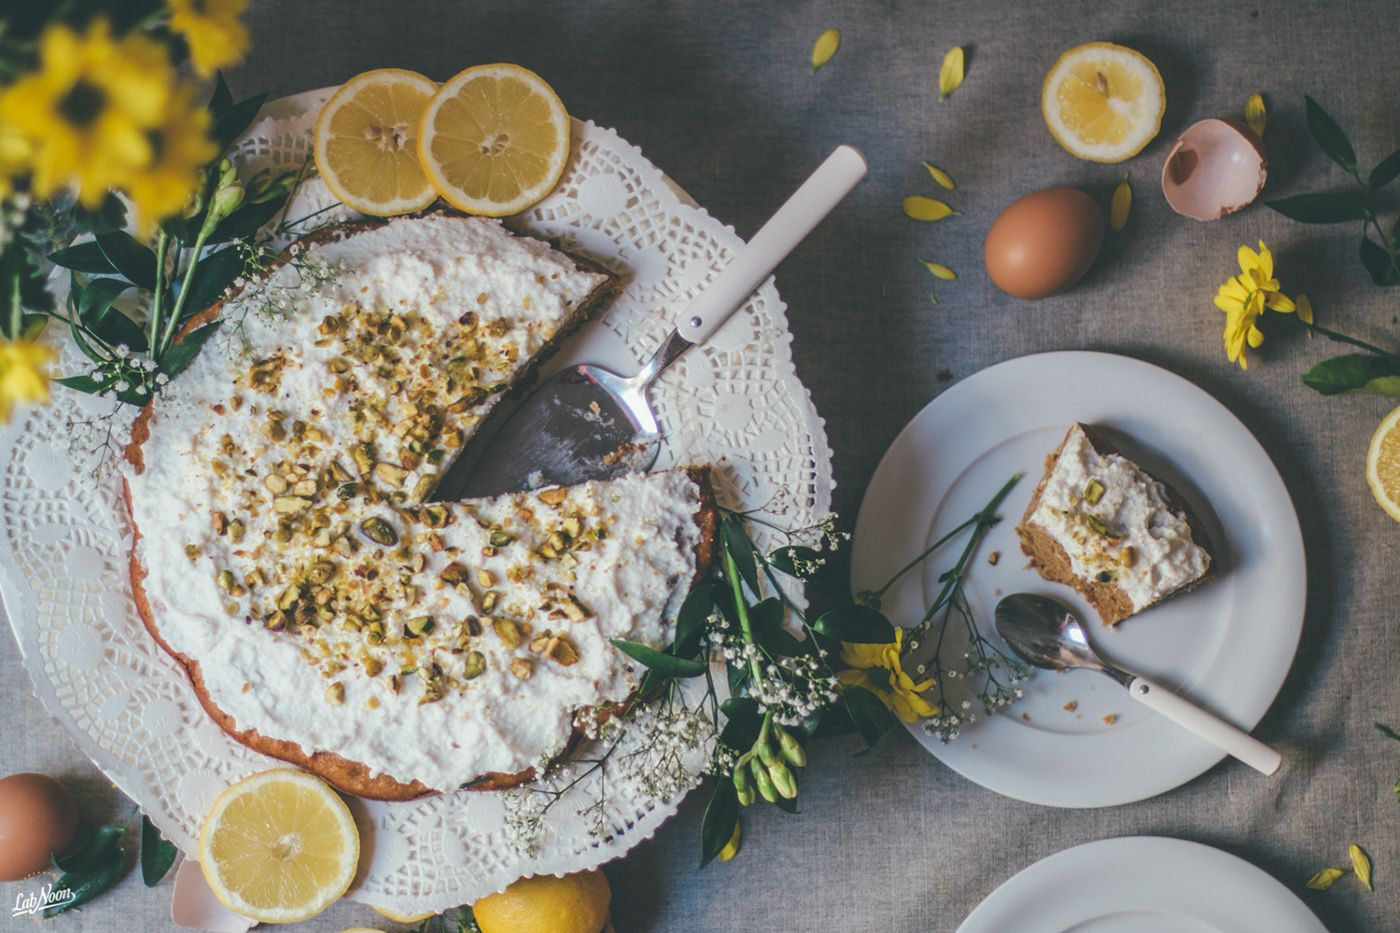 Ricotta Cake for Celebration | Styling & Photography on Behance